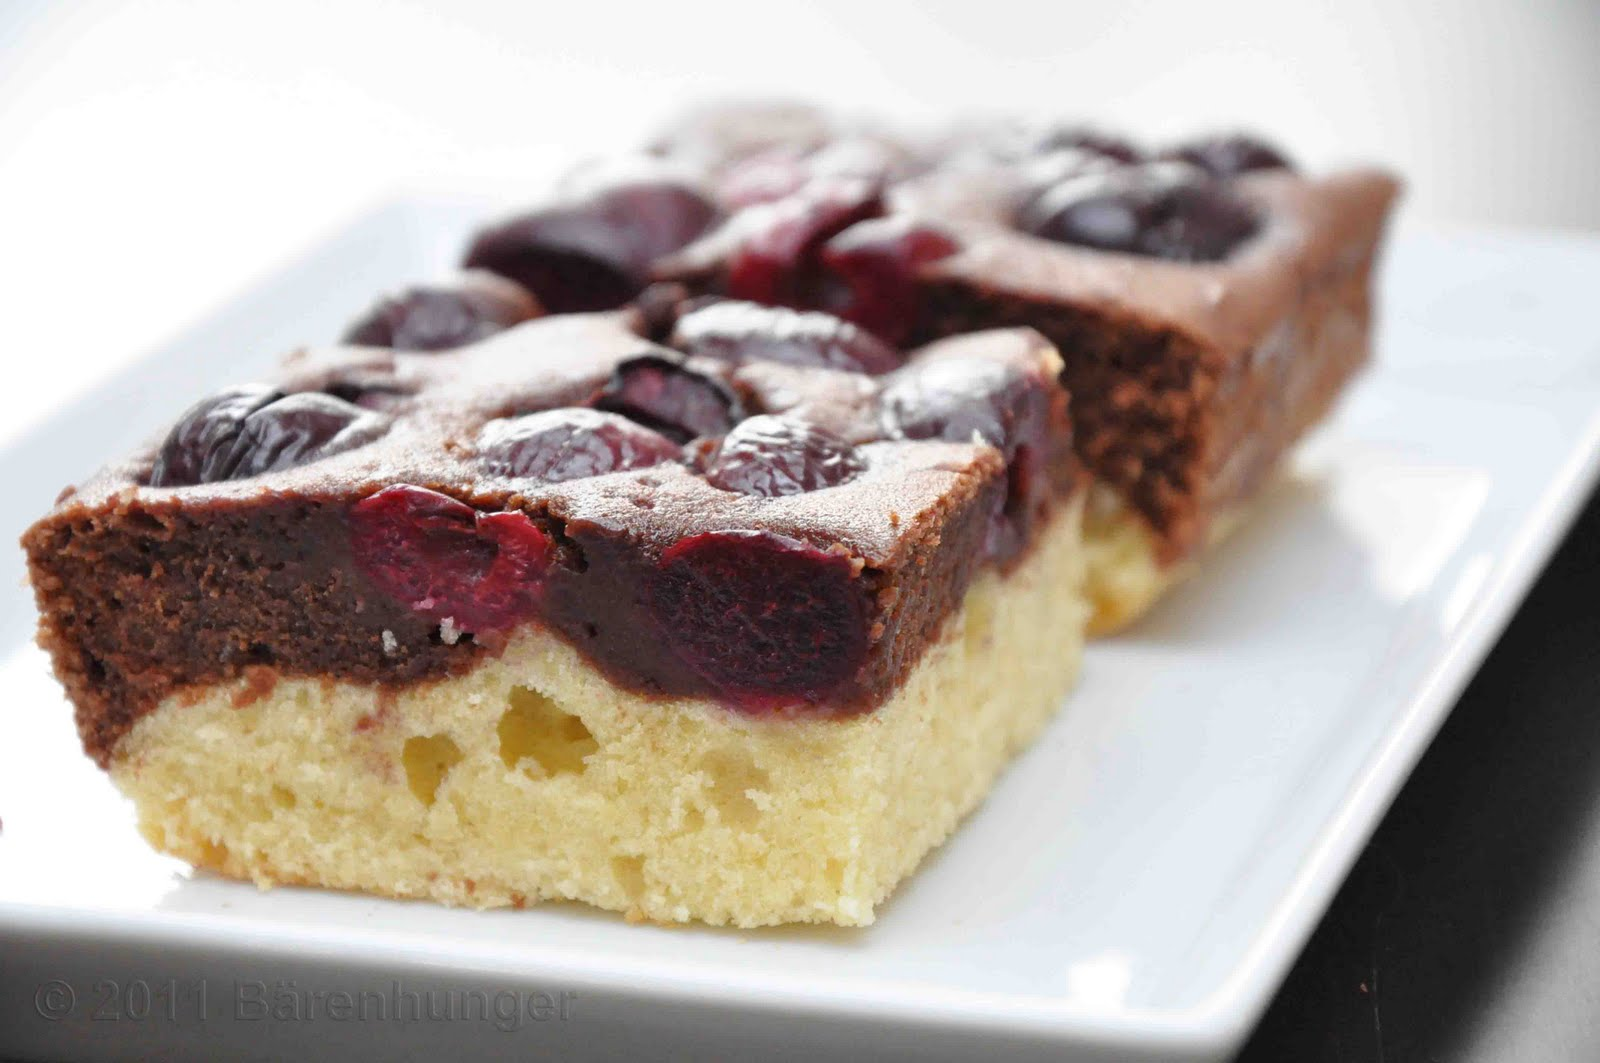 Schoko Kirsch Kuchen Blech Instagram Schokokirschkuchen 圖片視頻